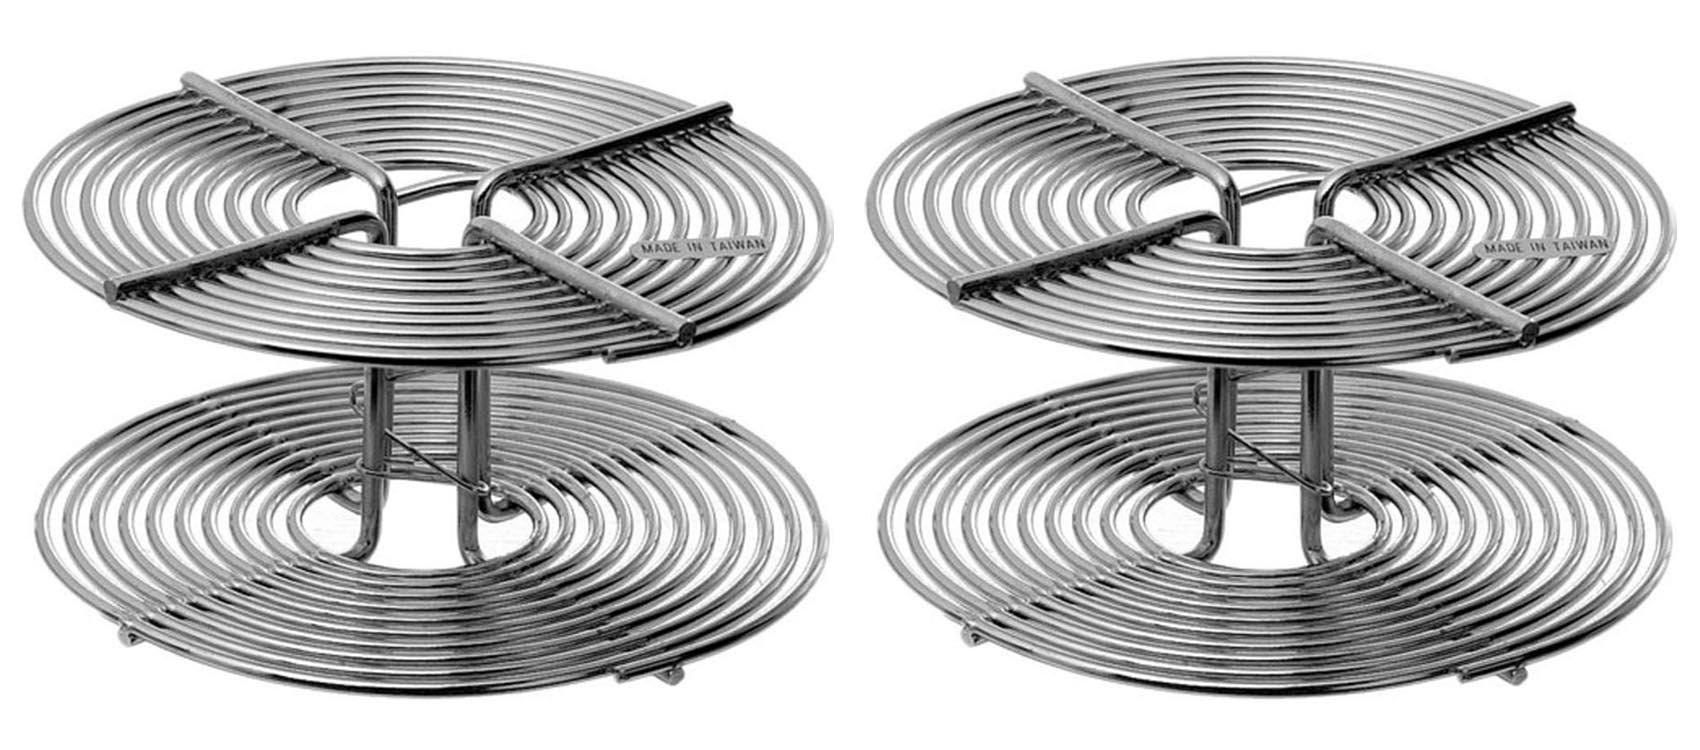 Kalt Stainless Steel Reel -NP10110 (35mm) 2pack